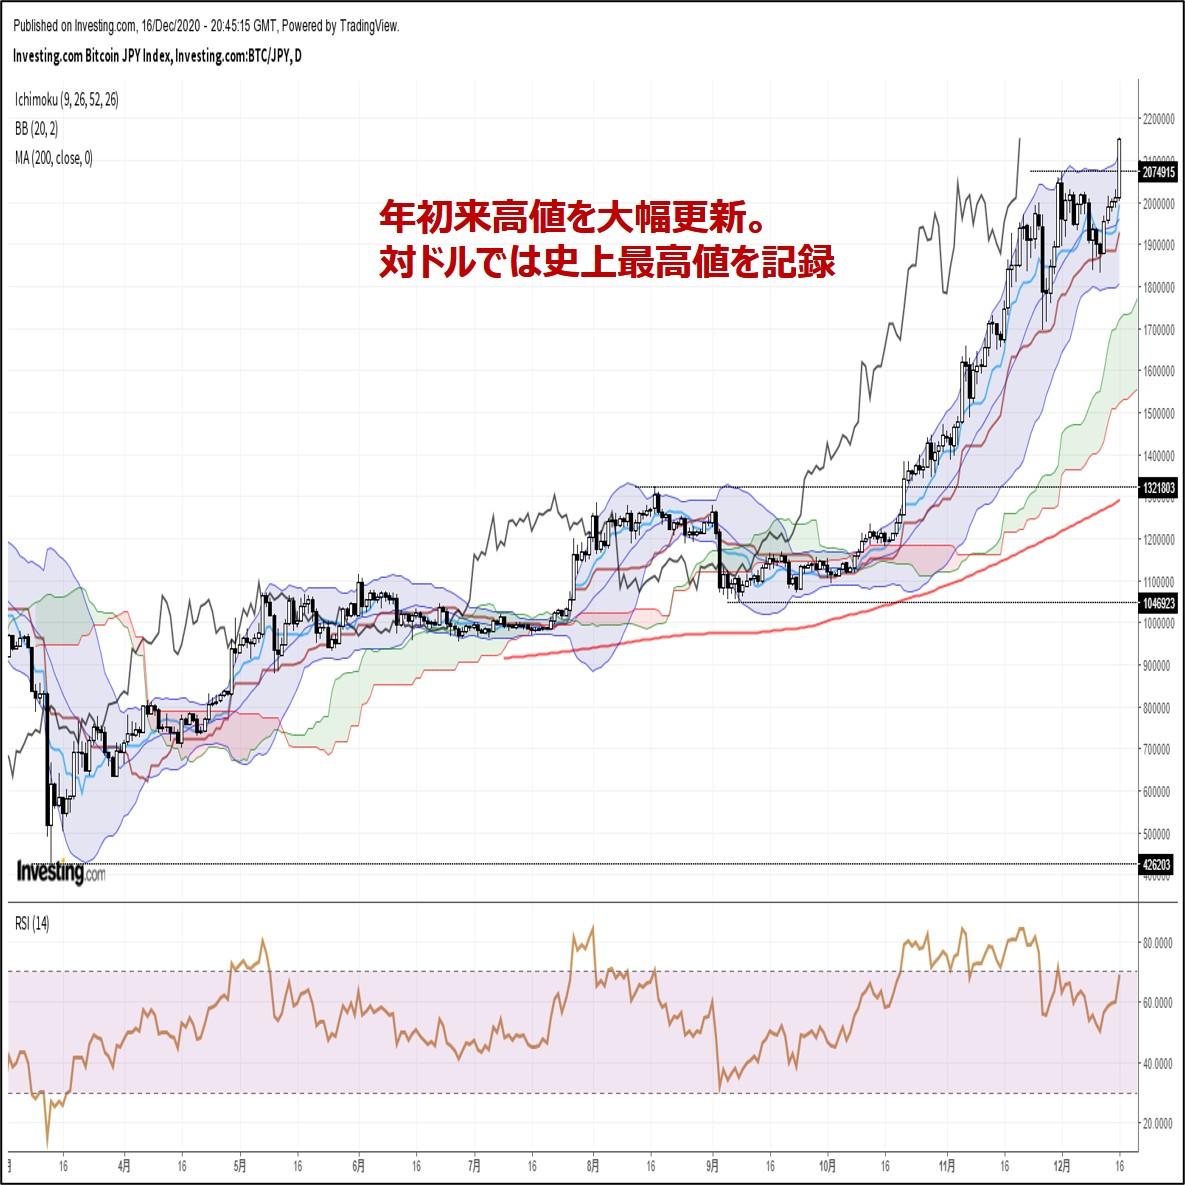 ビットコイン円、年初来高値を大幅更新。対ドルでは史上最高値を記録(12/17朝)